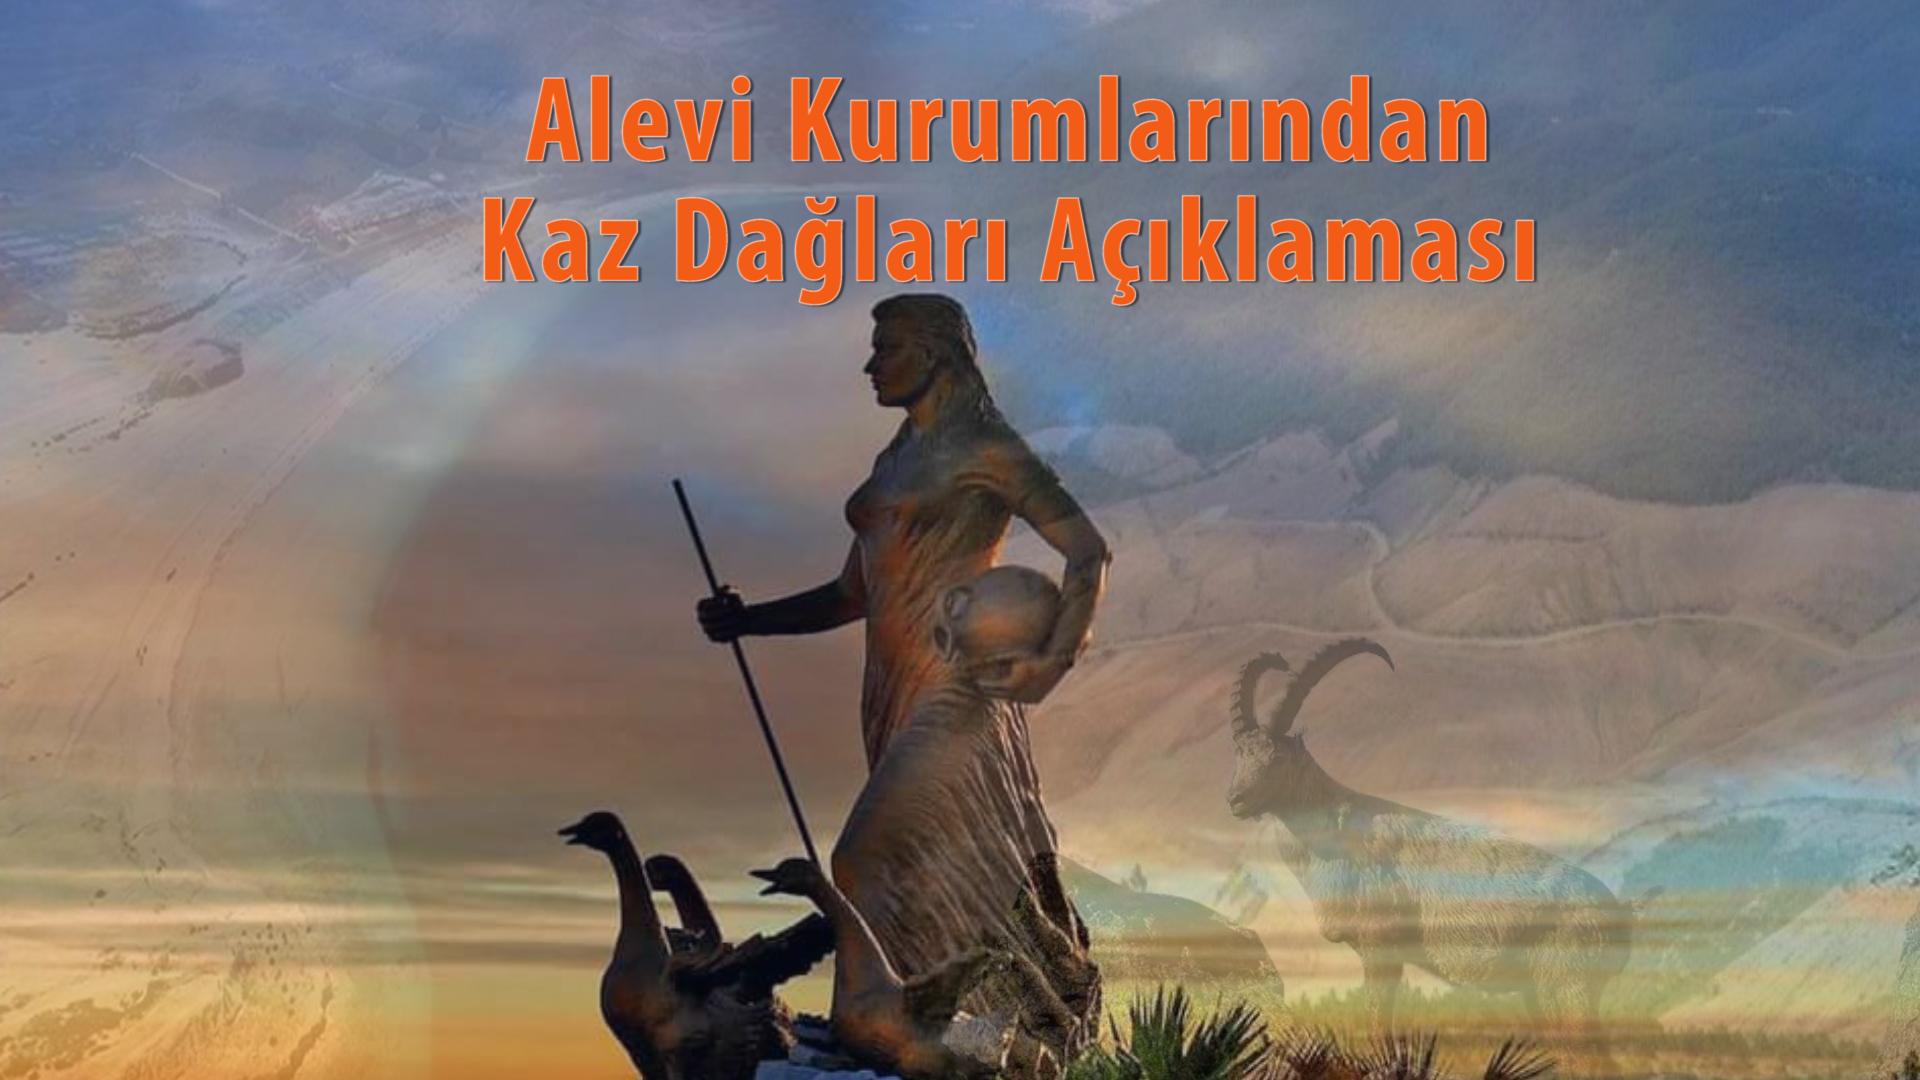 Alevi Kurumlarından ortak Kaz Dağları Açıklması: '' Kaz Dağları içinde barındırdığı cümle zenginliği ile birlikte korunmalıdır